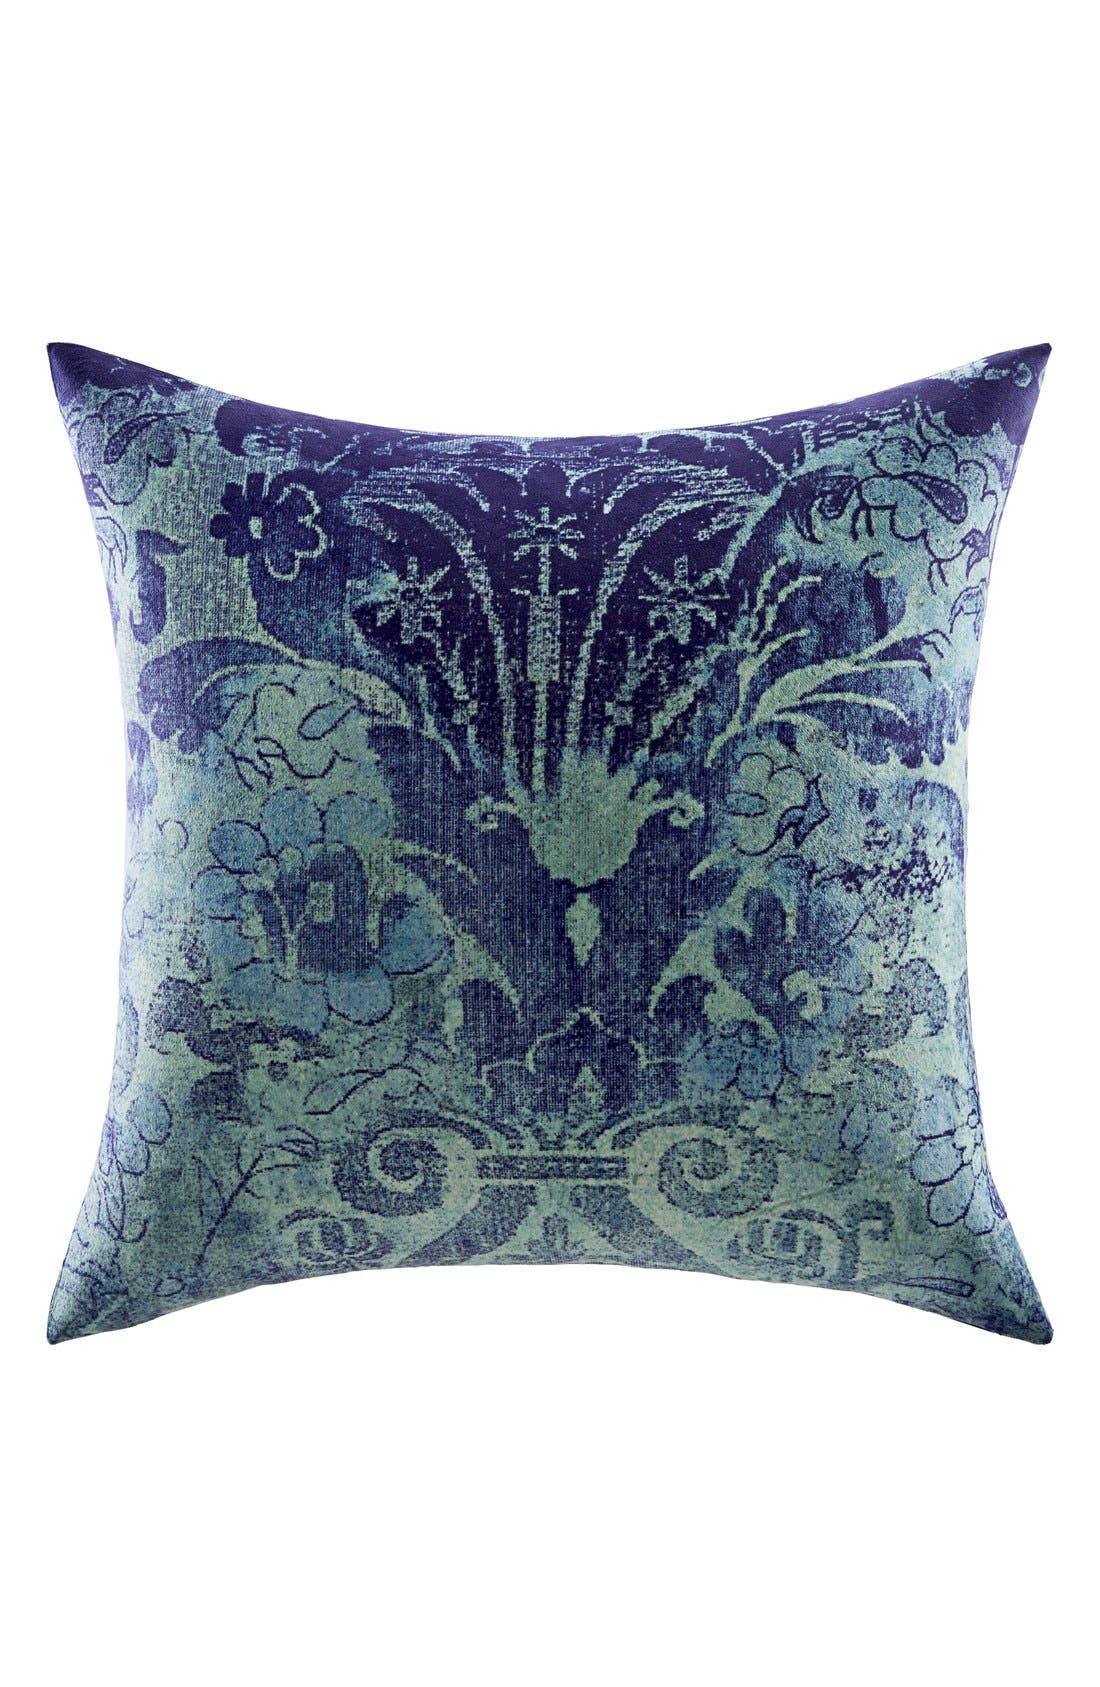 Main Image - Tracy Porter® For Poetic Wanderlust® 'Adele' Velvet Pillow